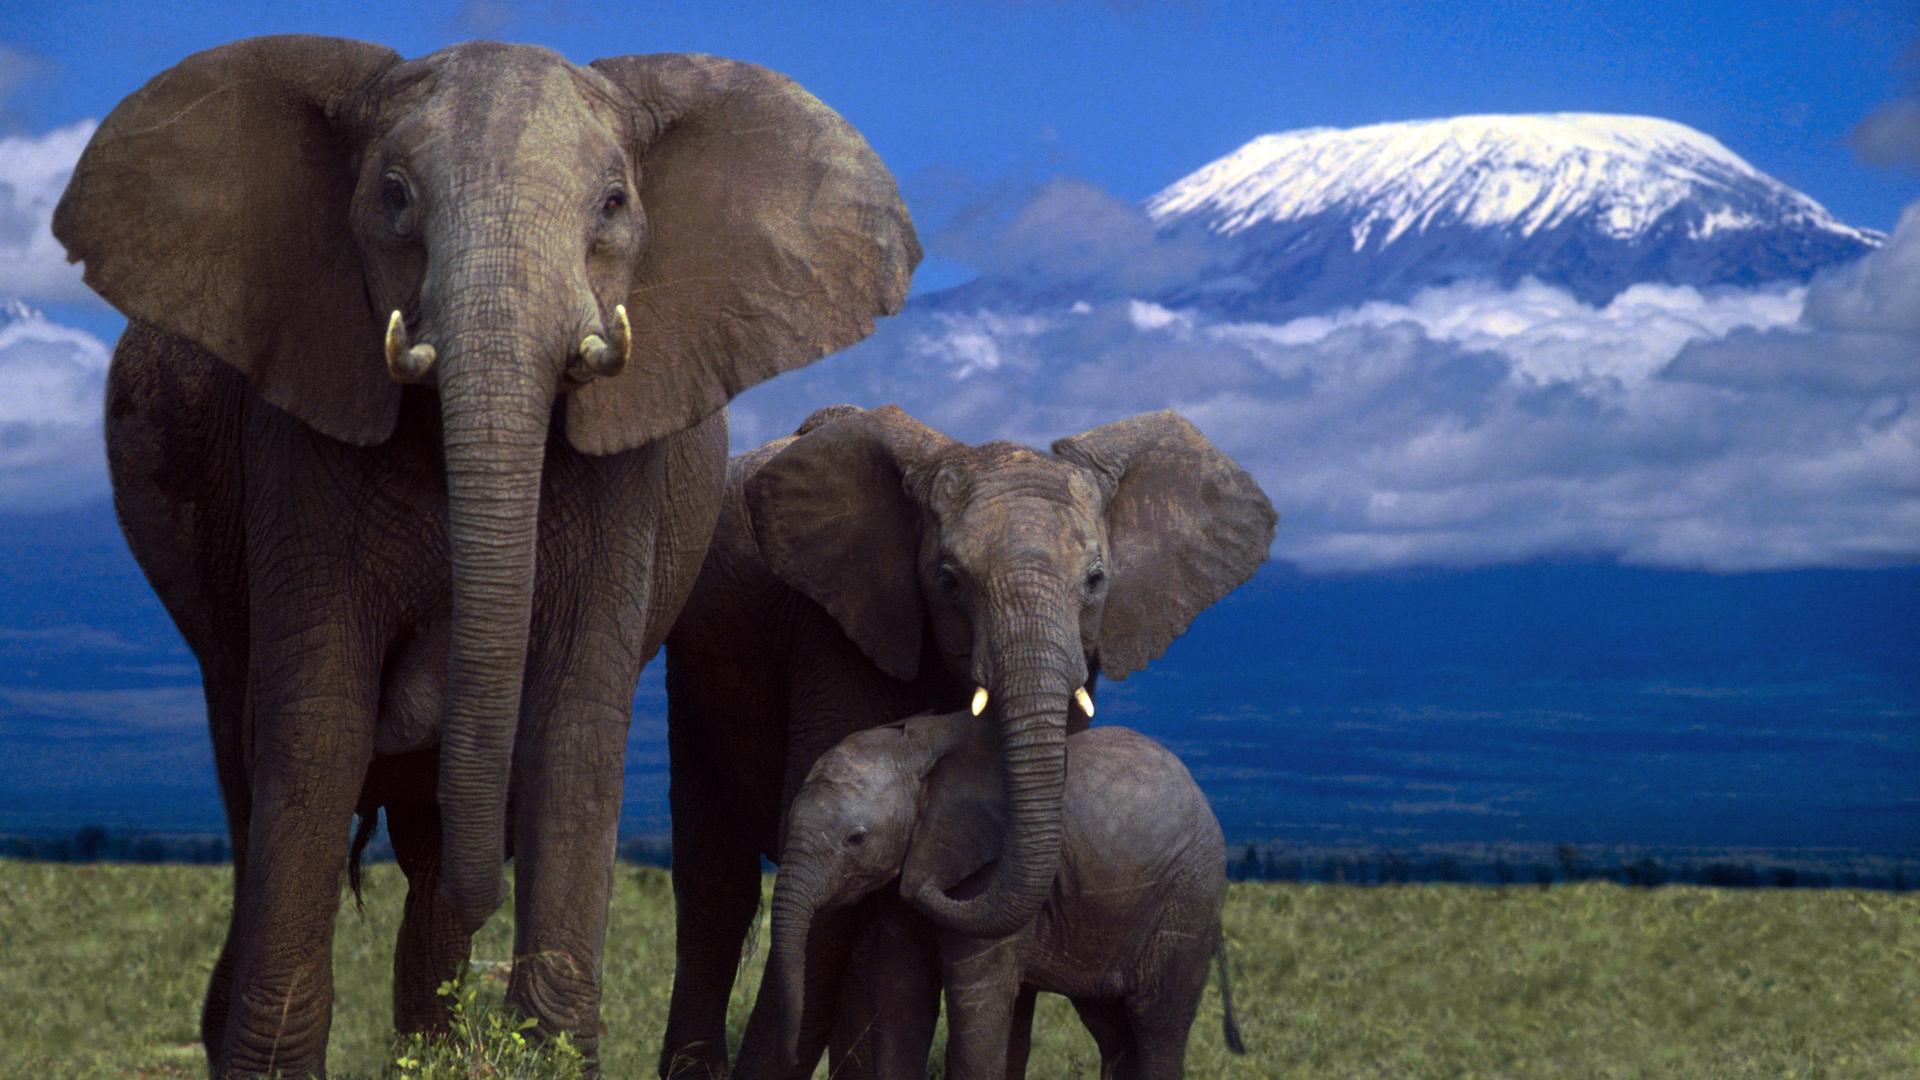 Wallpaper Elephant Family Mountain Kilimanjaro Mount 1920x1080